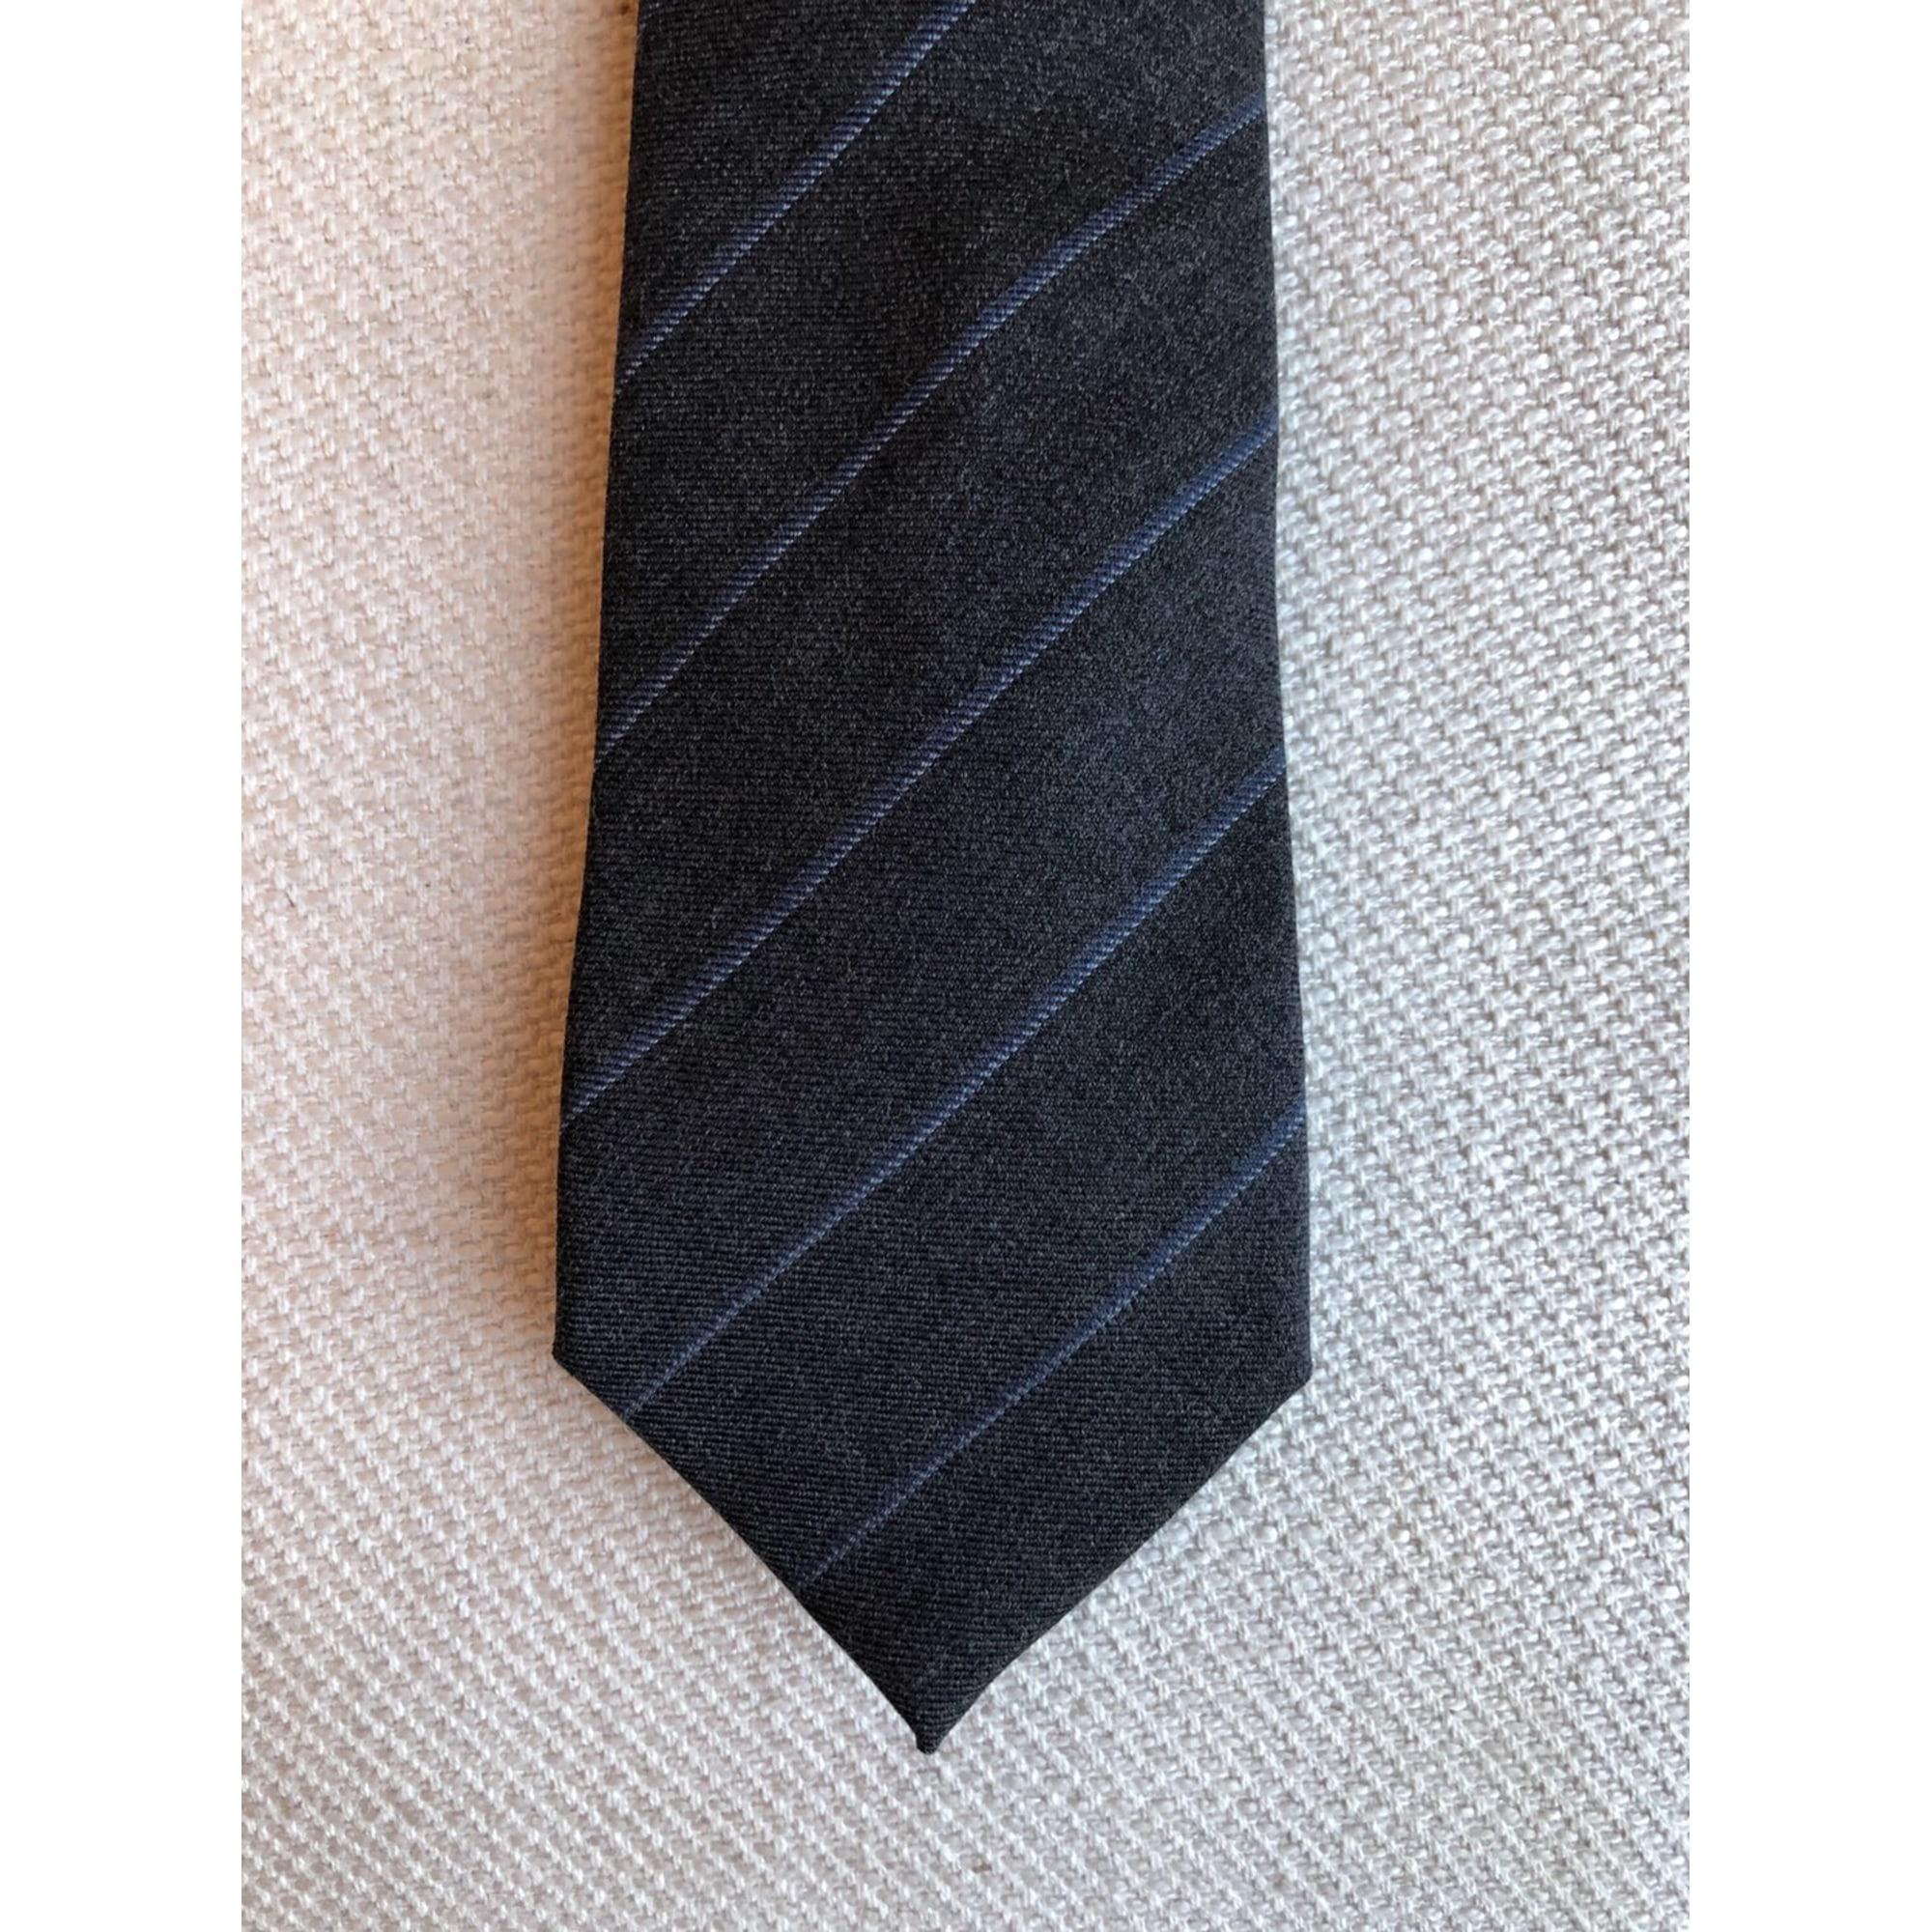 Cravate T.M LEWIN Gris, anthracite